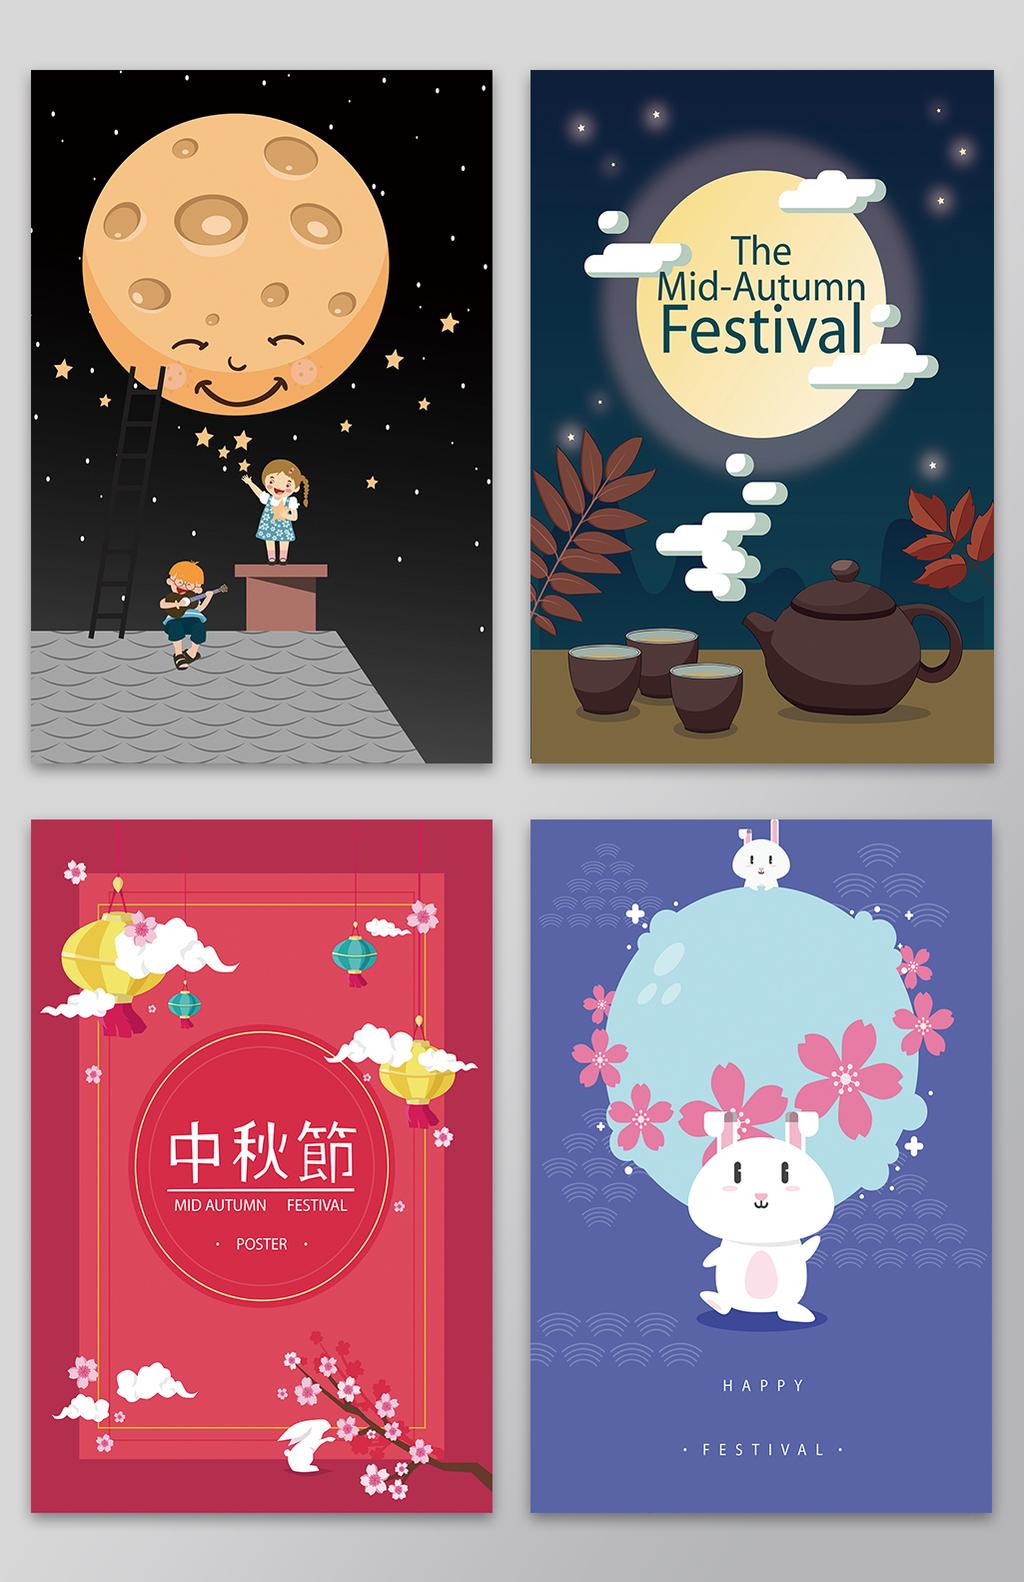 可爱多卡通中秋节日海报背景矢量设计素材